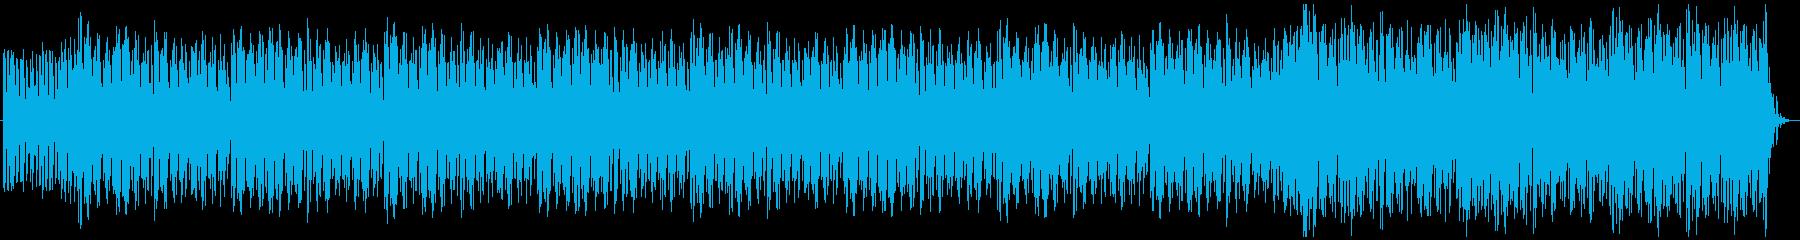 16平均律のベース+ドラム、ユーロビートの再生済みの波形